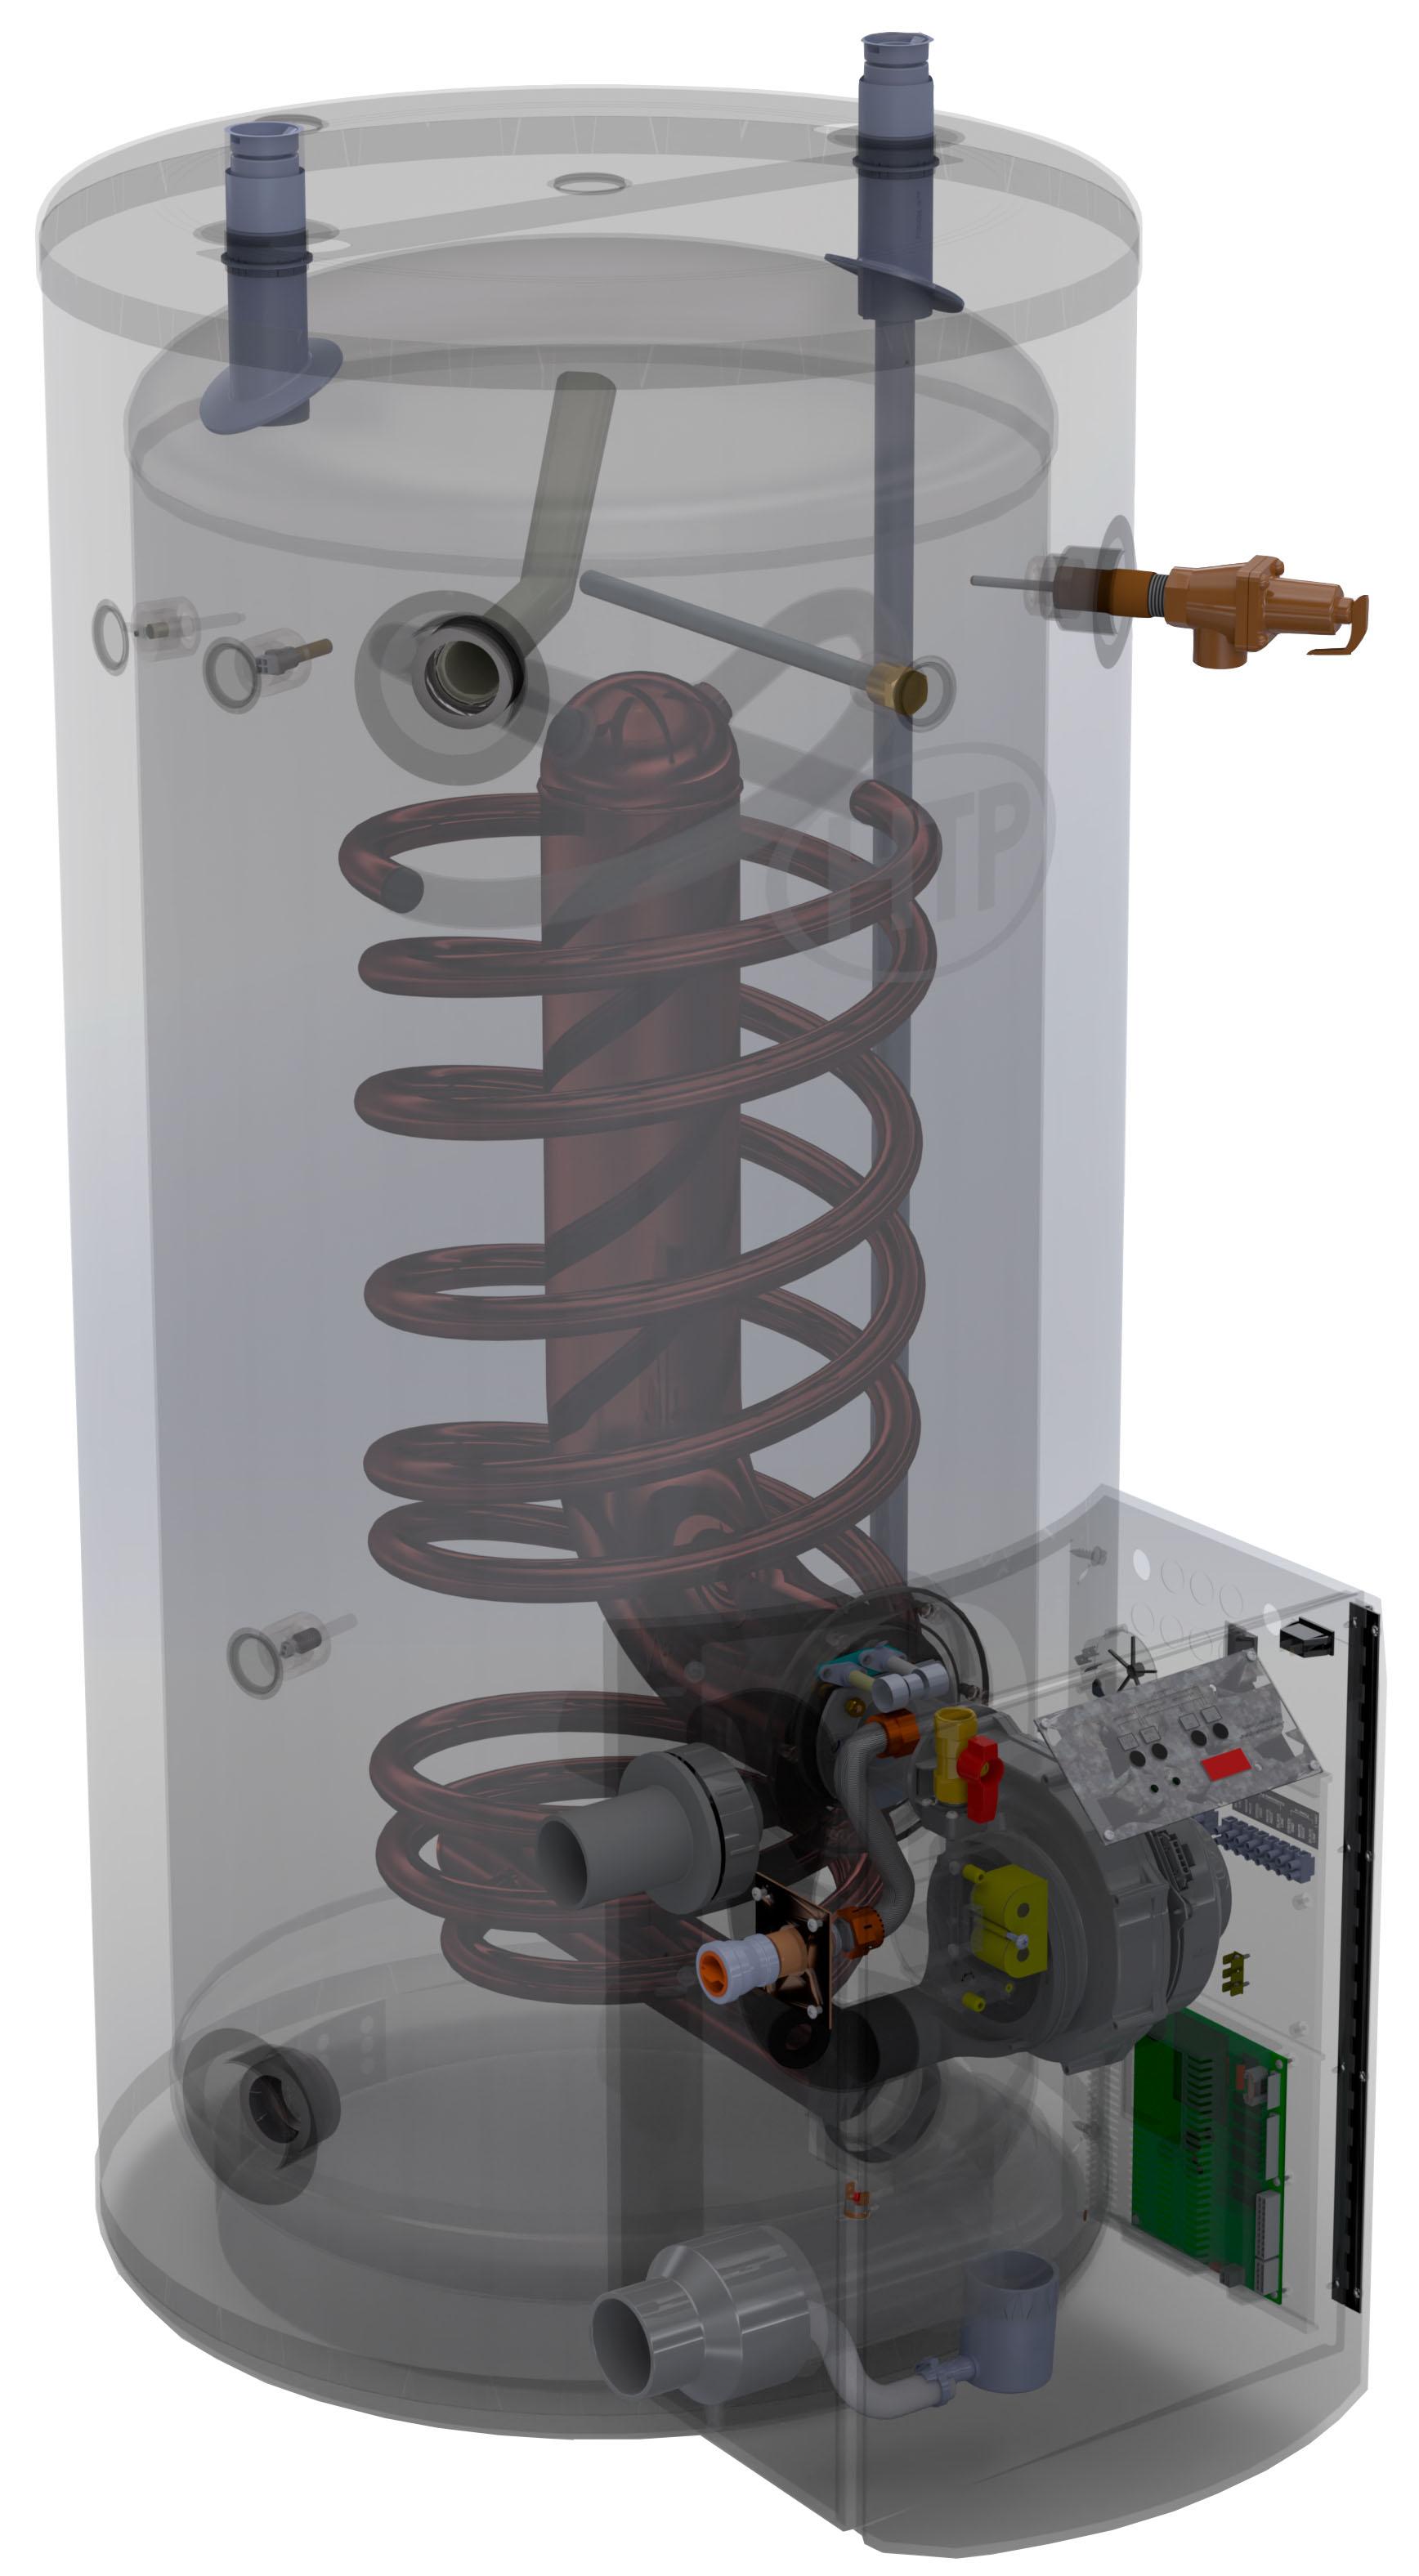 Htp Phoenix Multi Fit Water Heater